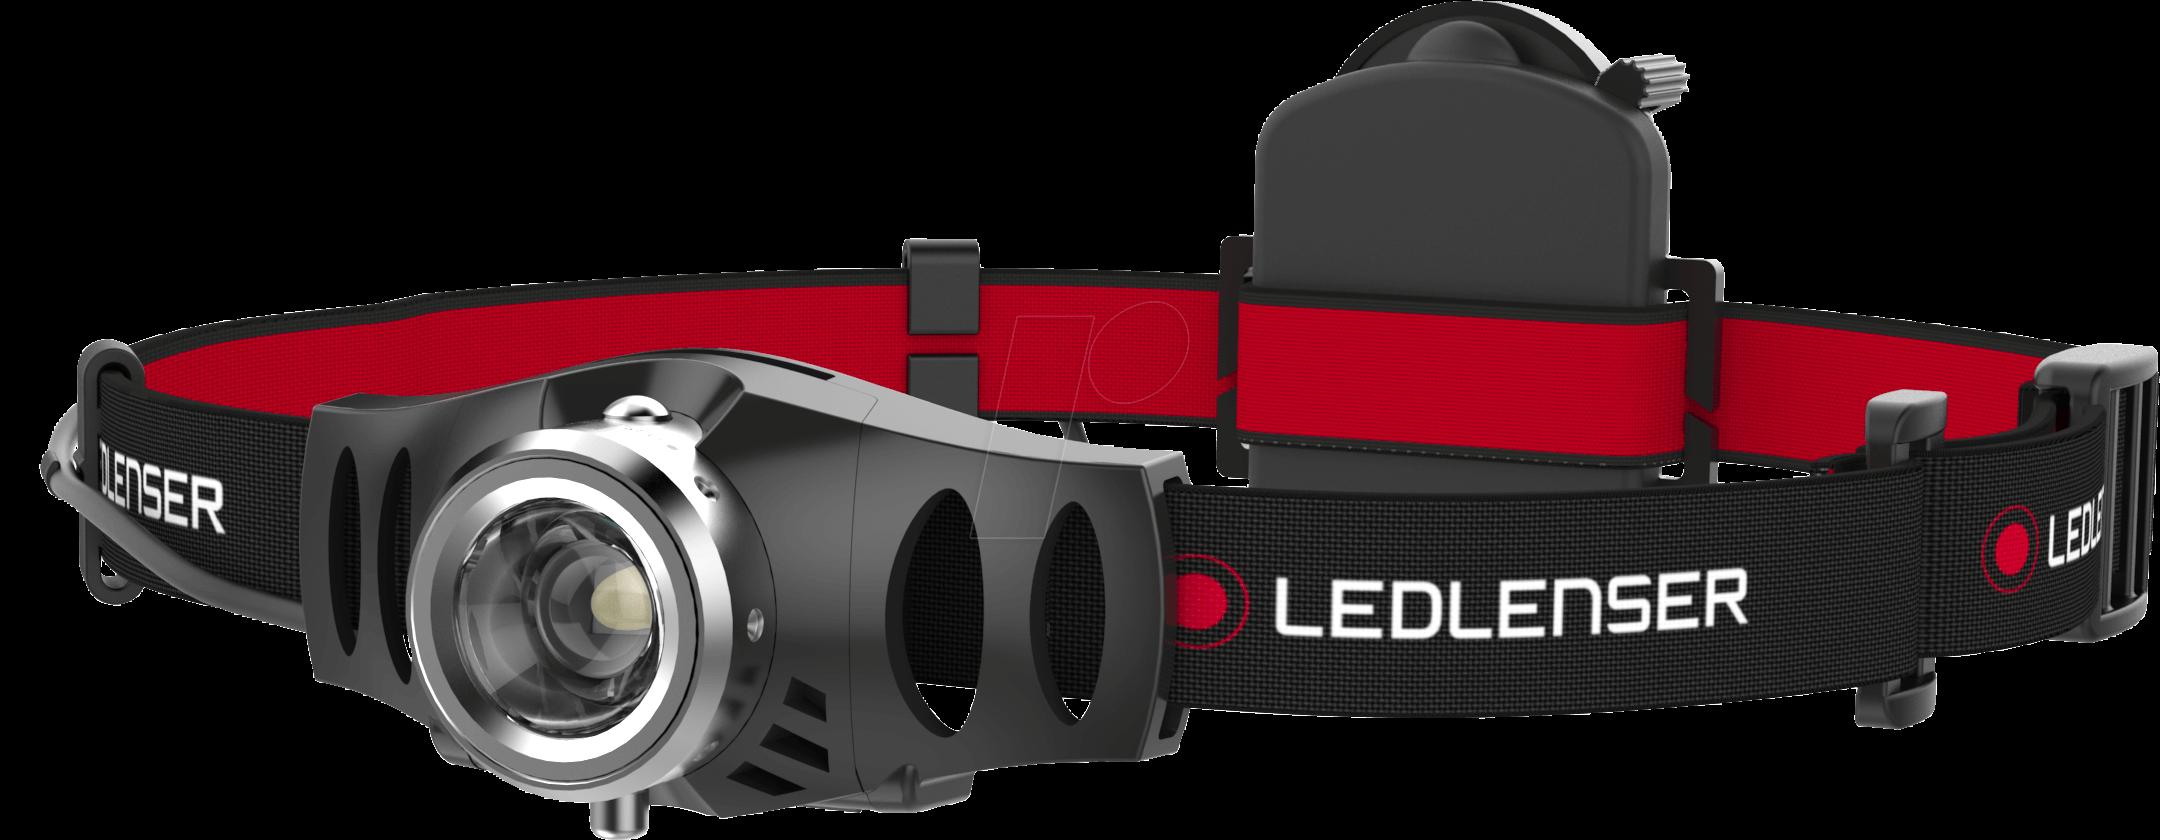 led lenser h3